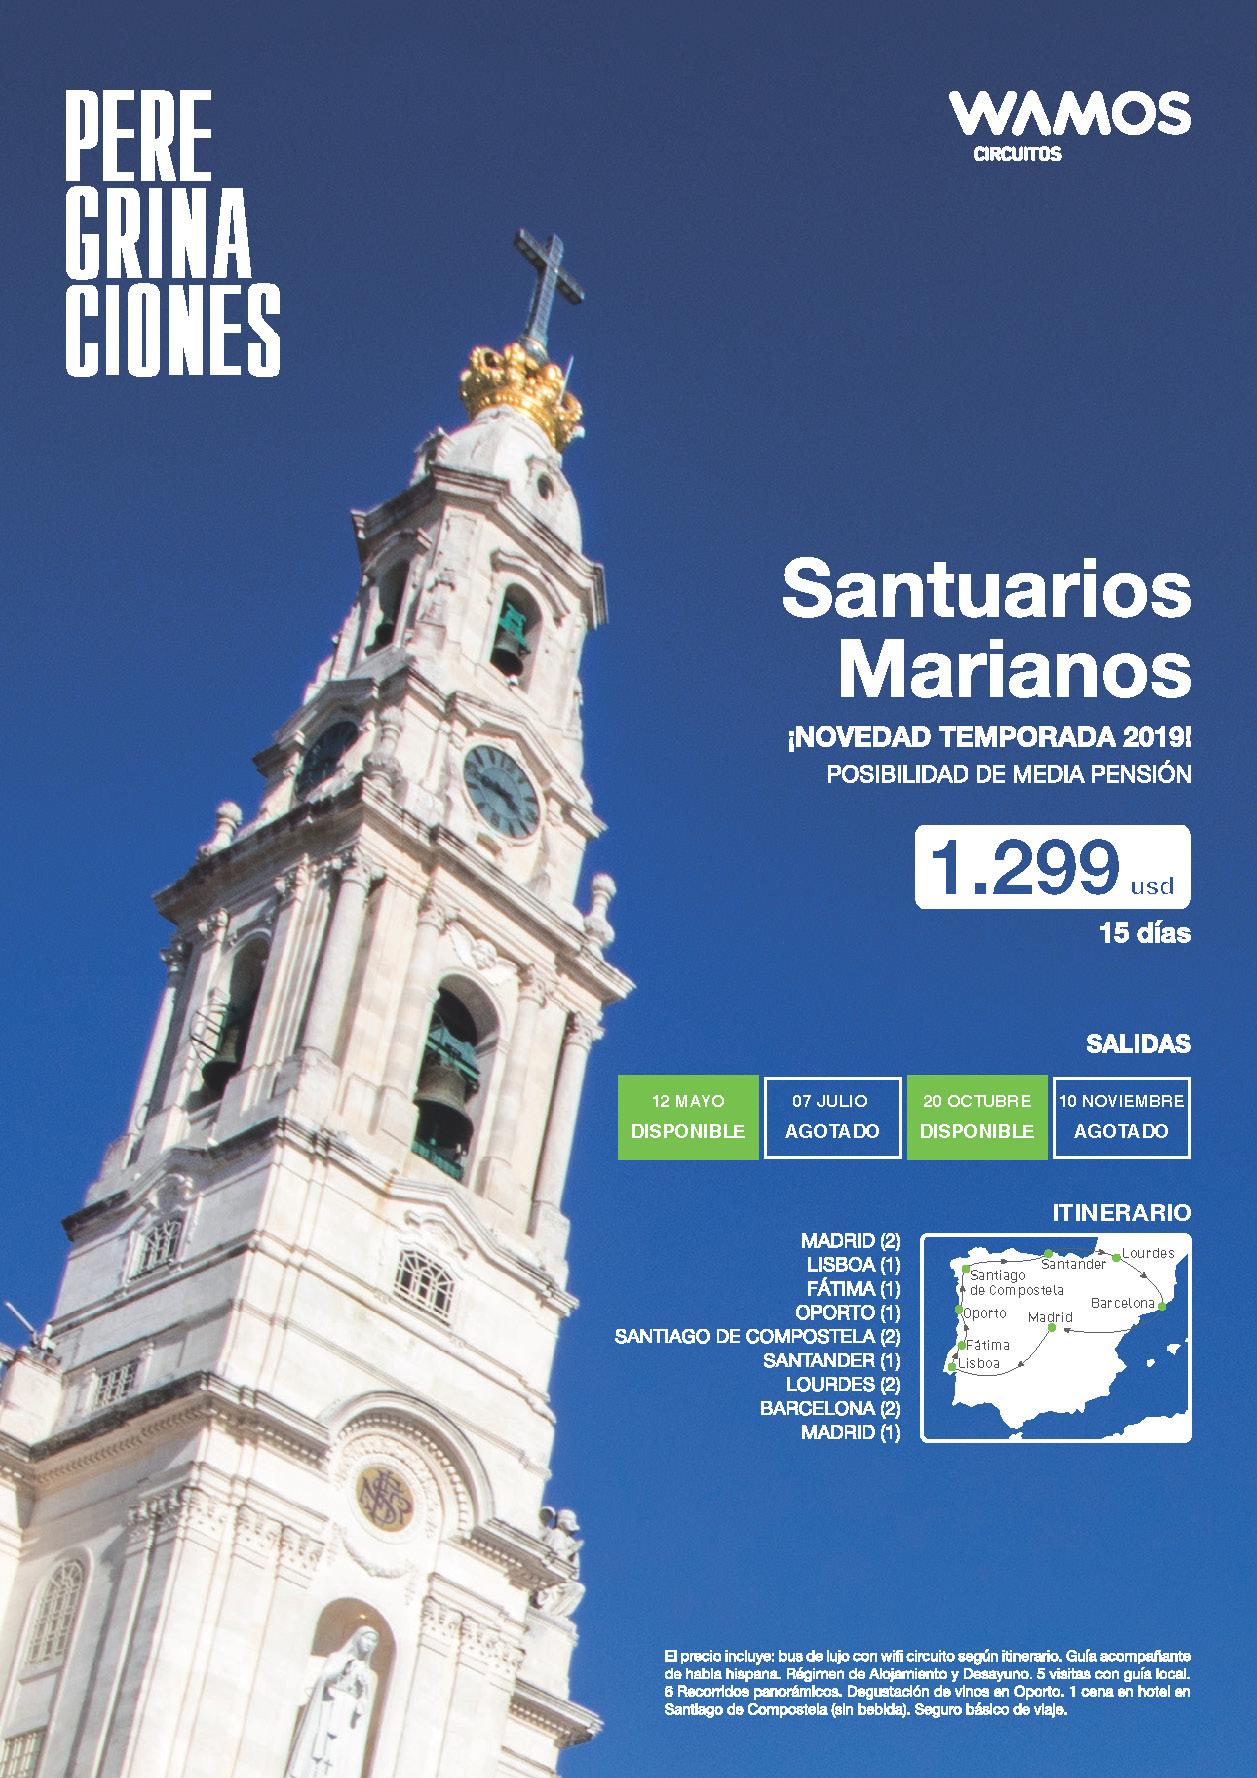 Oferta Wamos Circuitos Santuarios Marianos 2019